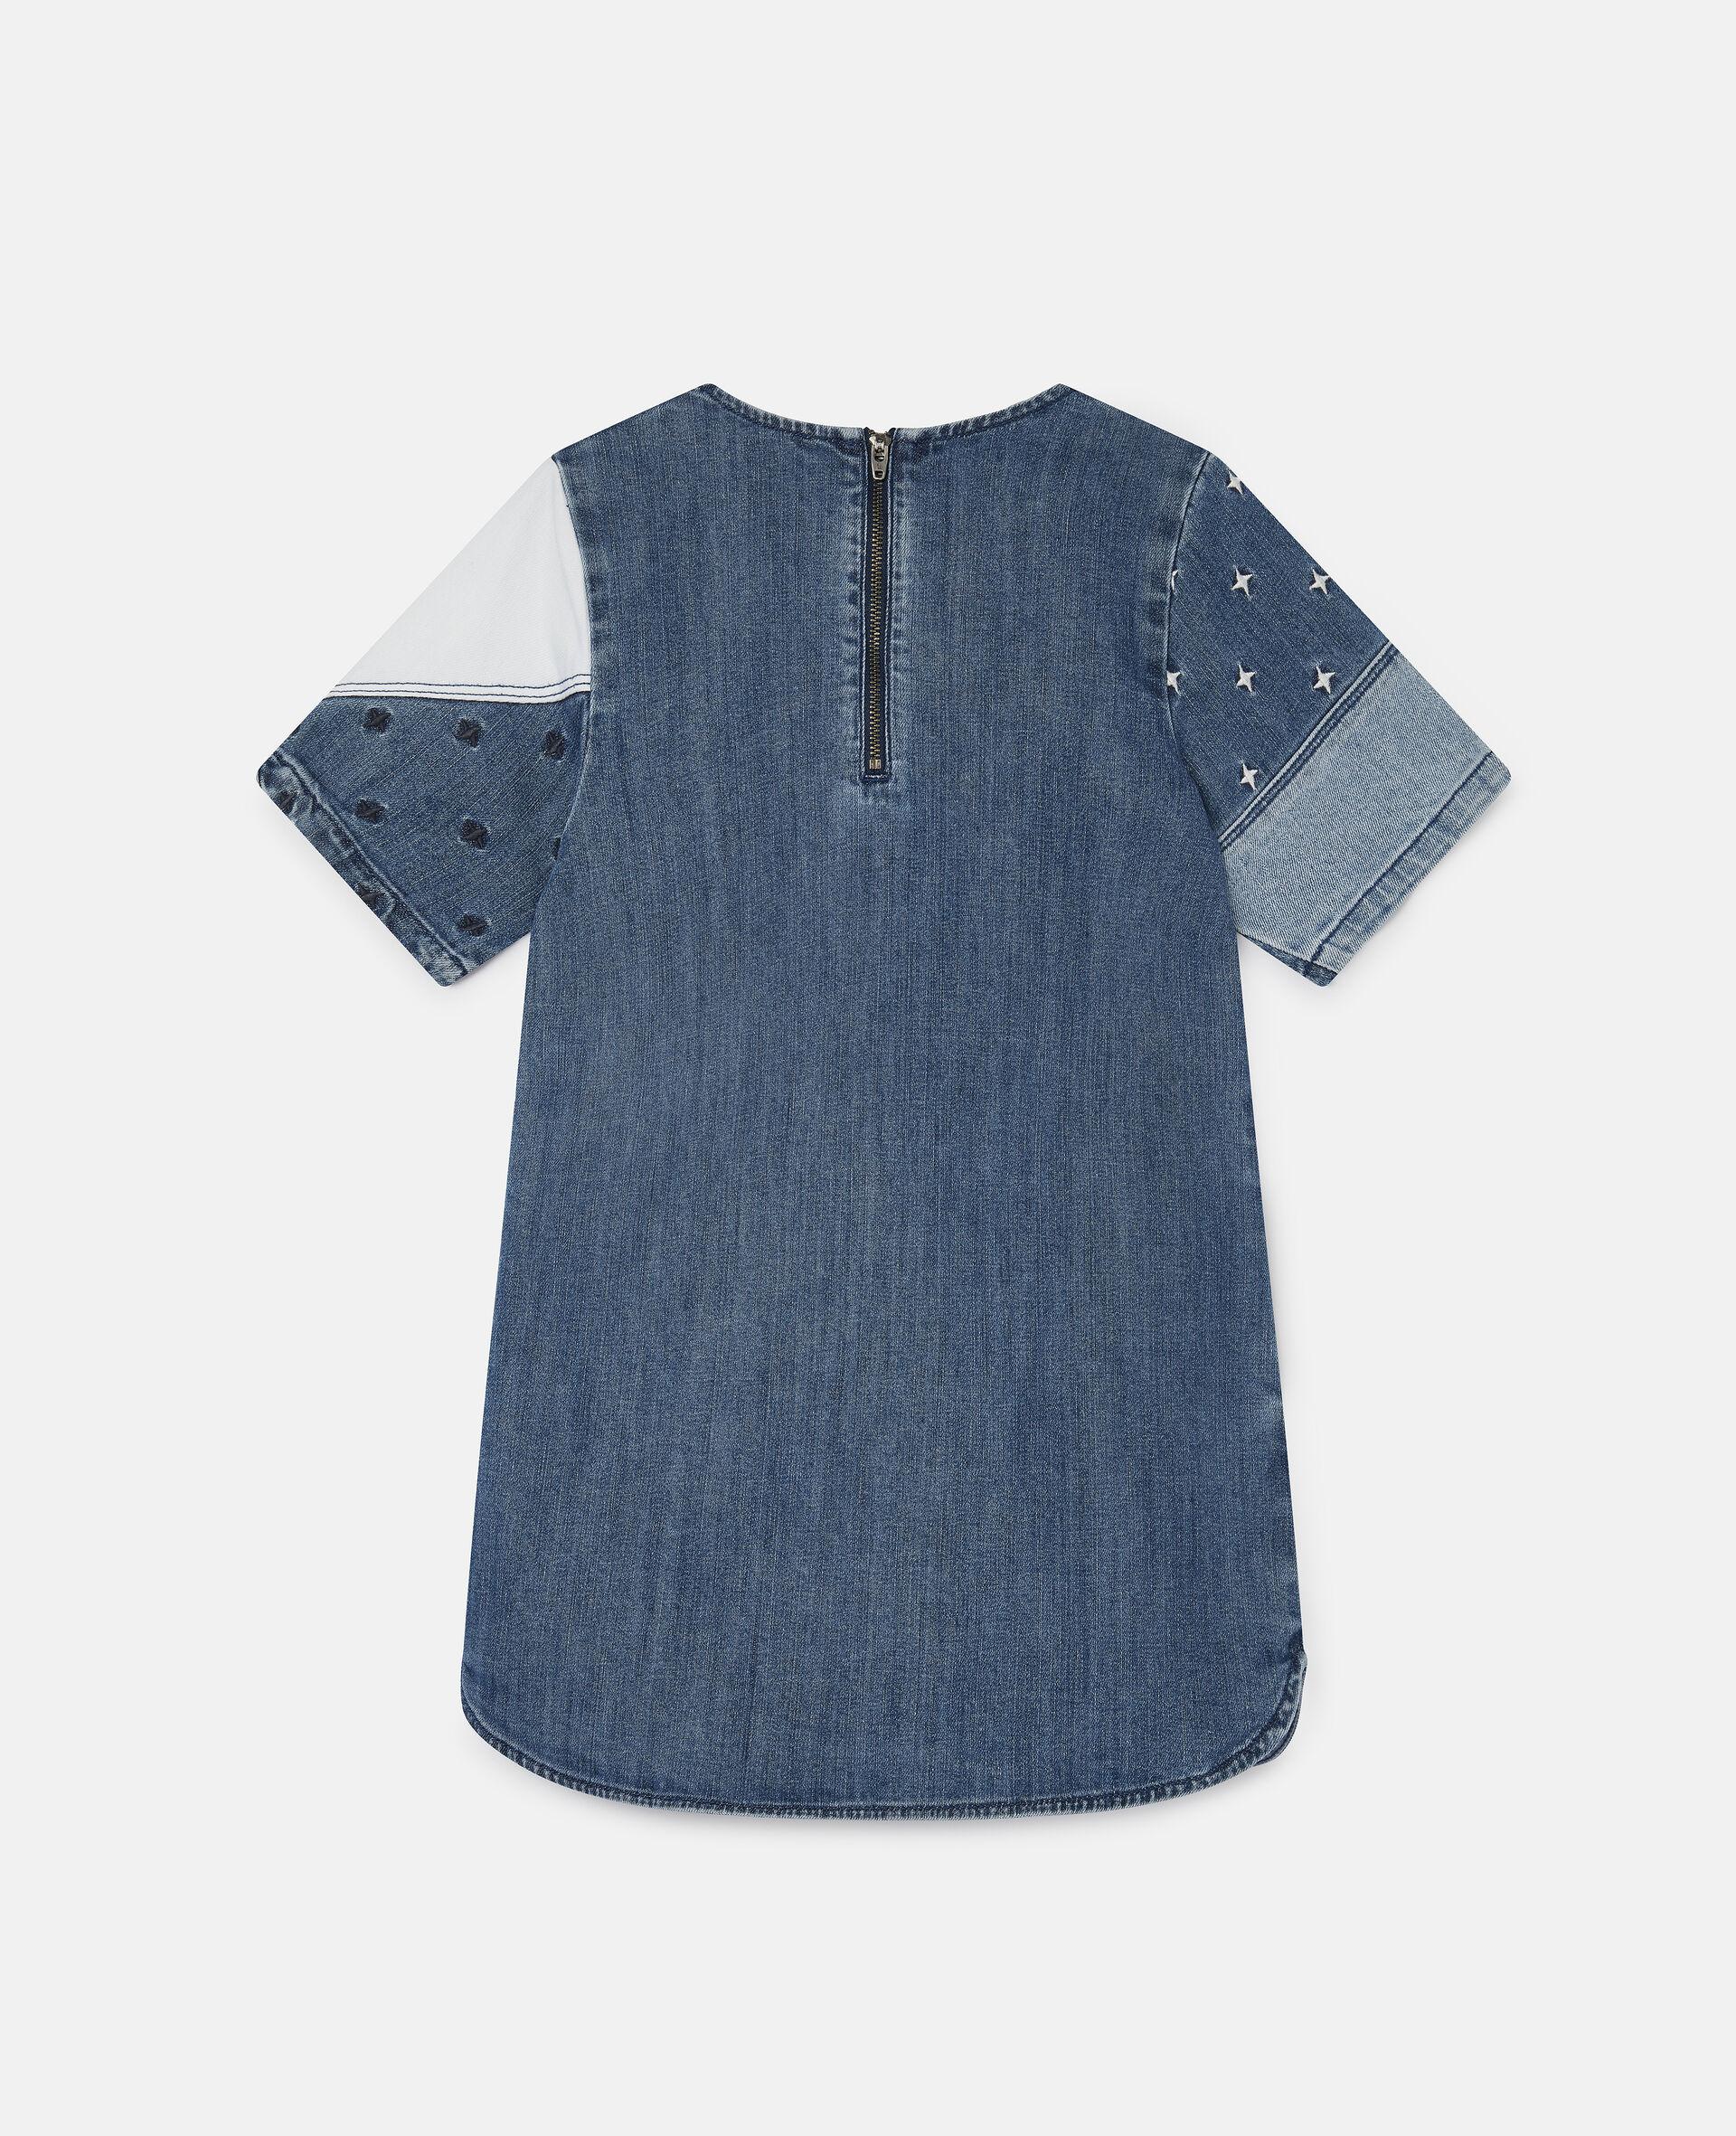 Patchwork-Kleid aus Denim mit Sterne-Stickerei-Blau-large image number 3